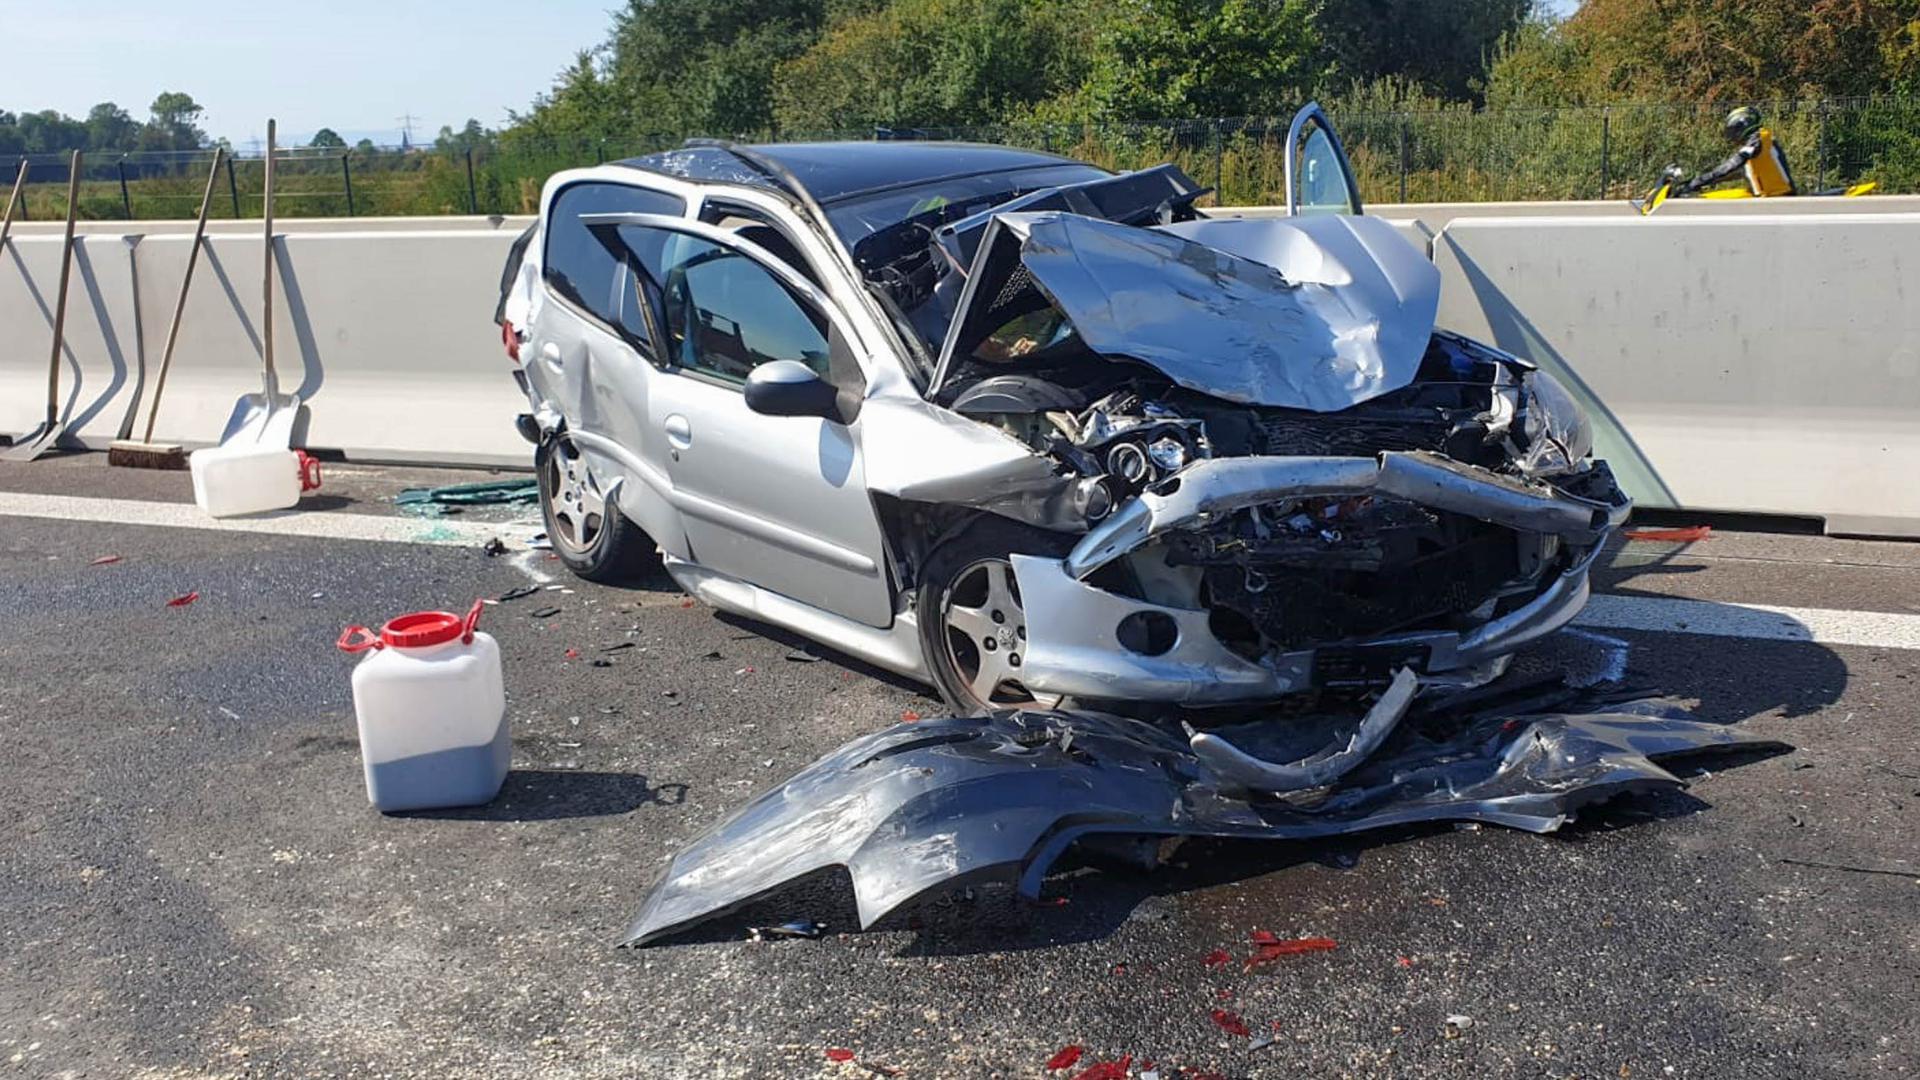 Ein stark beschädigtes Auto steht auf der A5 am der Mittelleitplanke. Elf Menschen sind auf der Autobahn 5 bei einer Kollision von acht Fahrzeugen verletzt worden, einer davon schwer. Zunächst gab es auf Höhe Schwanau (Ortenaukreis) in Richtung Karlsruhe einen Auffahrunfall, wie die Polizei mitteilte. Dabei wurde niemand verletzt. In Folge des Unfalls und des hohen Verkehrsaufkommens sei es dann aber zur weiteren Kollision der vielen Fahrzeuge gekommen. +++ dpa-Bildfunk +++